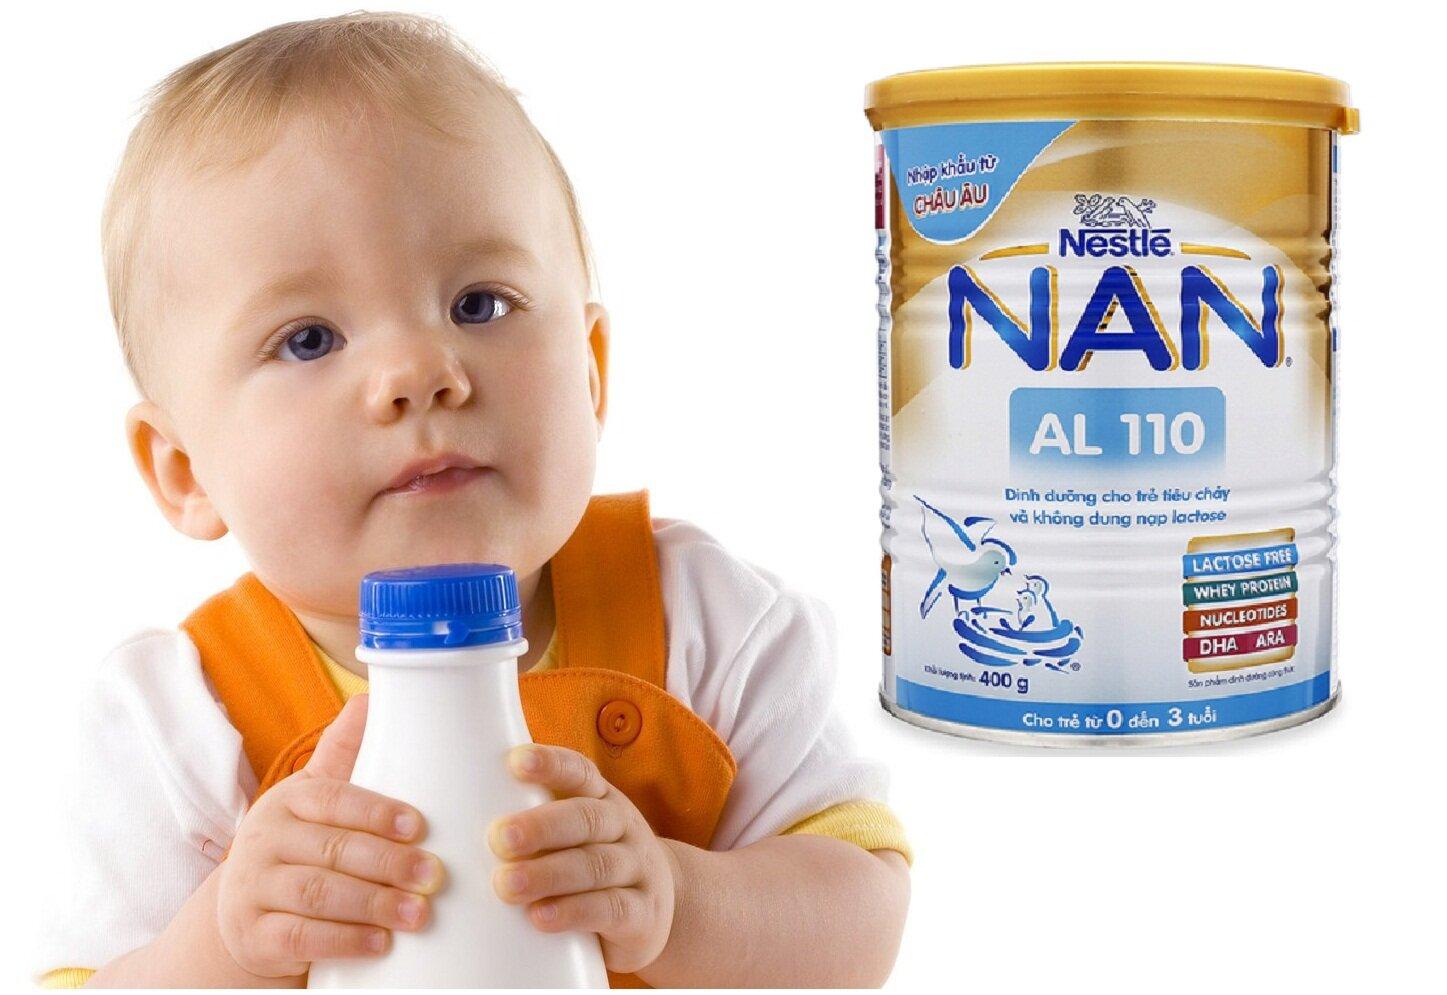 Nestle - thương hiệu sữa nổi tiếng tại Việt Nam